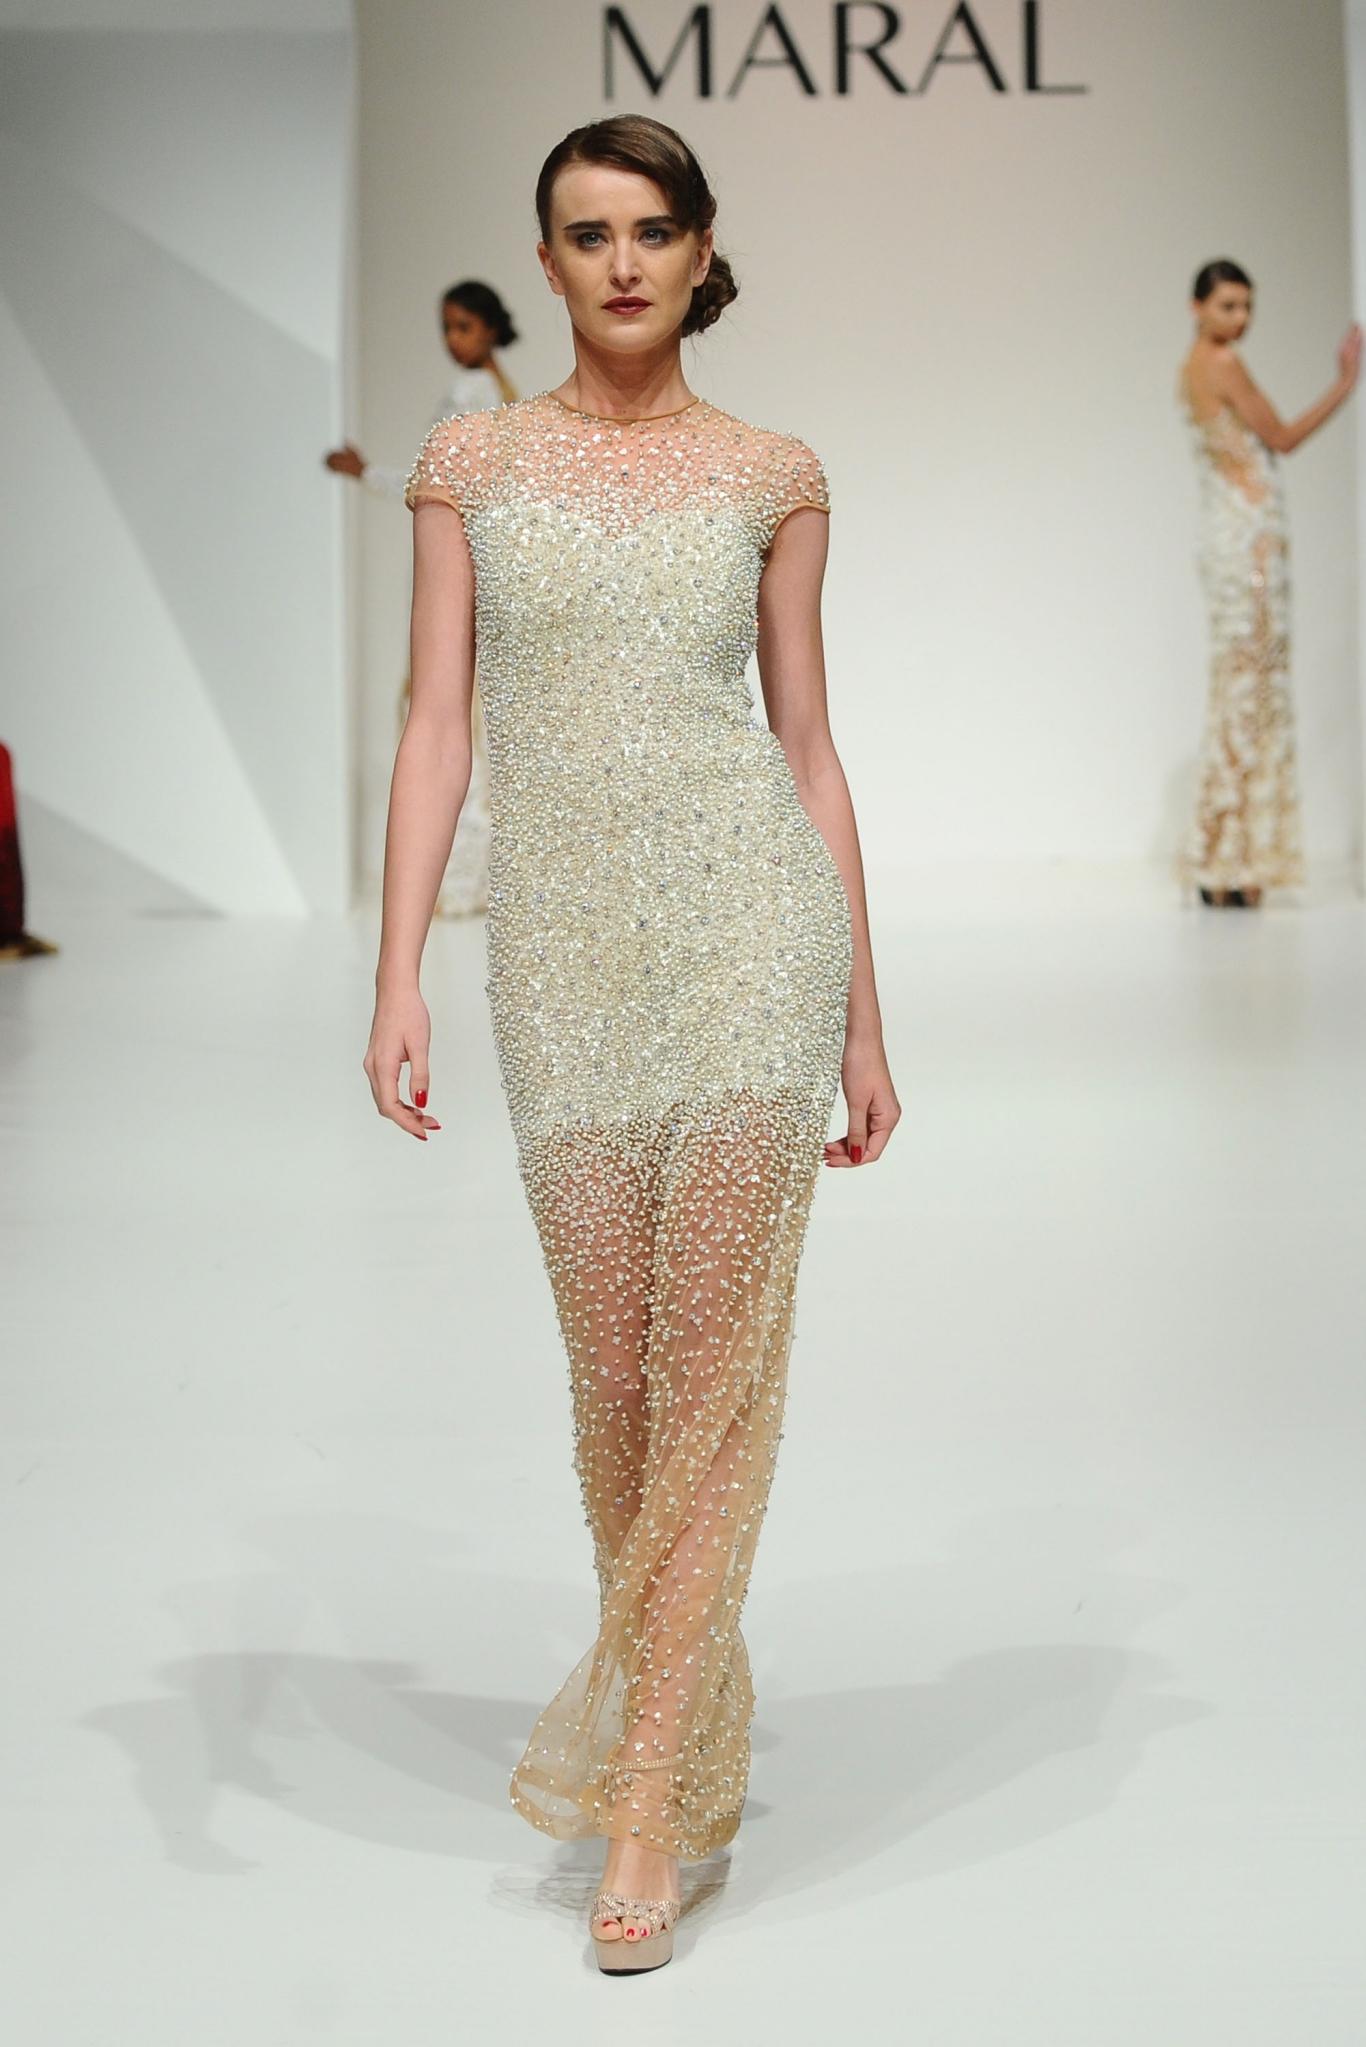 Maral at Fashion Forward Season 5. Dubai, United Arab Emirates.